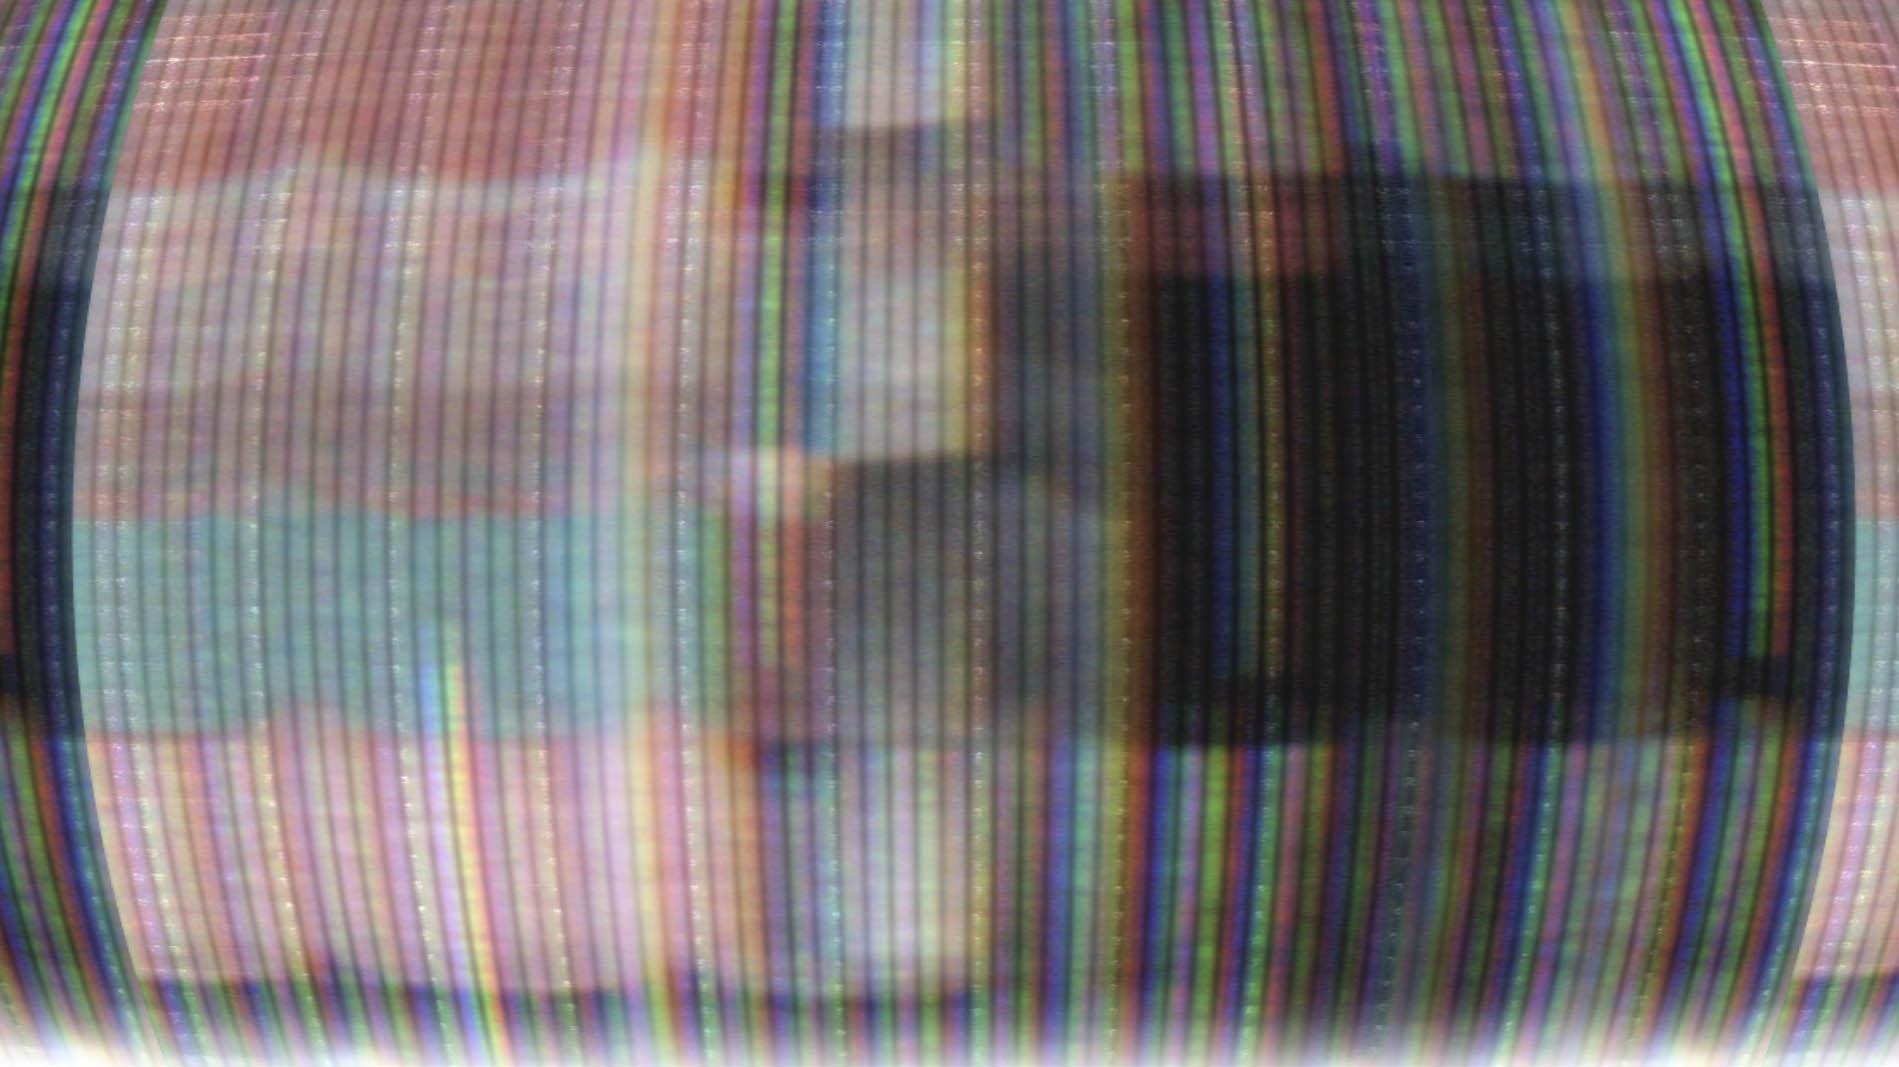 信号干扰屏幕花屏噪点视频转场效果素材